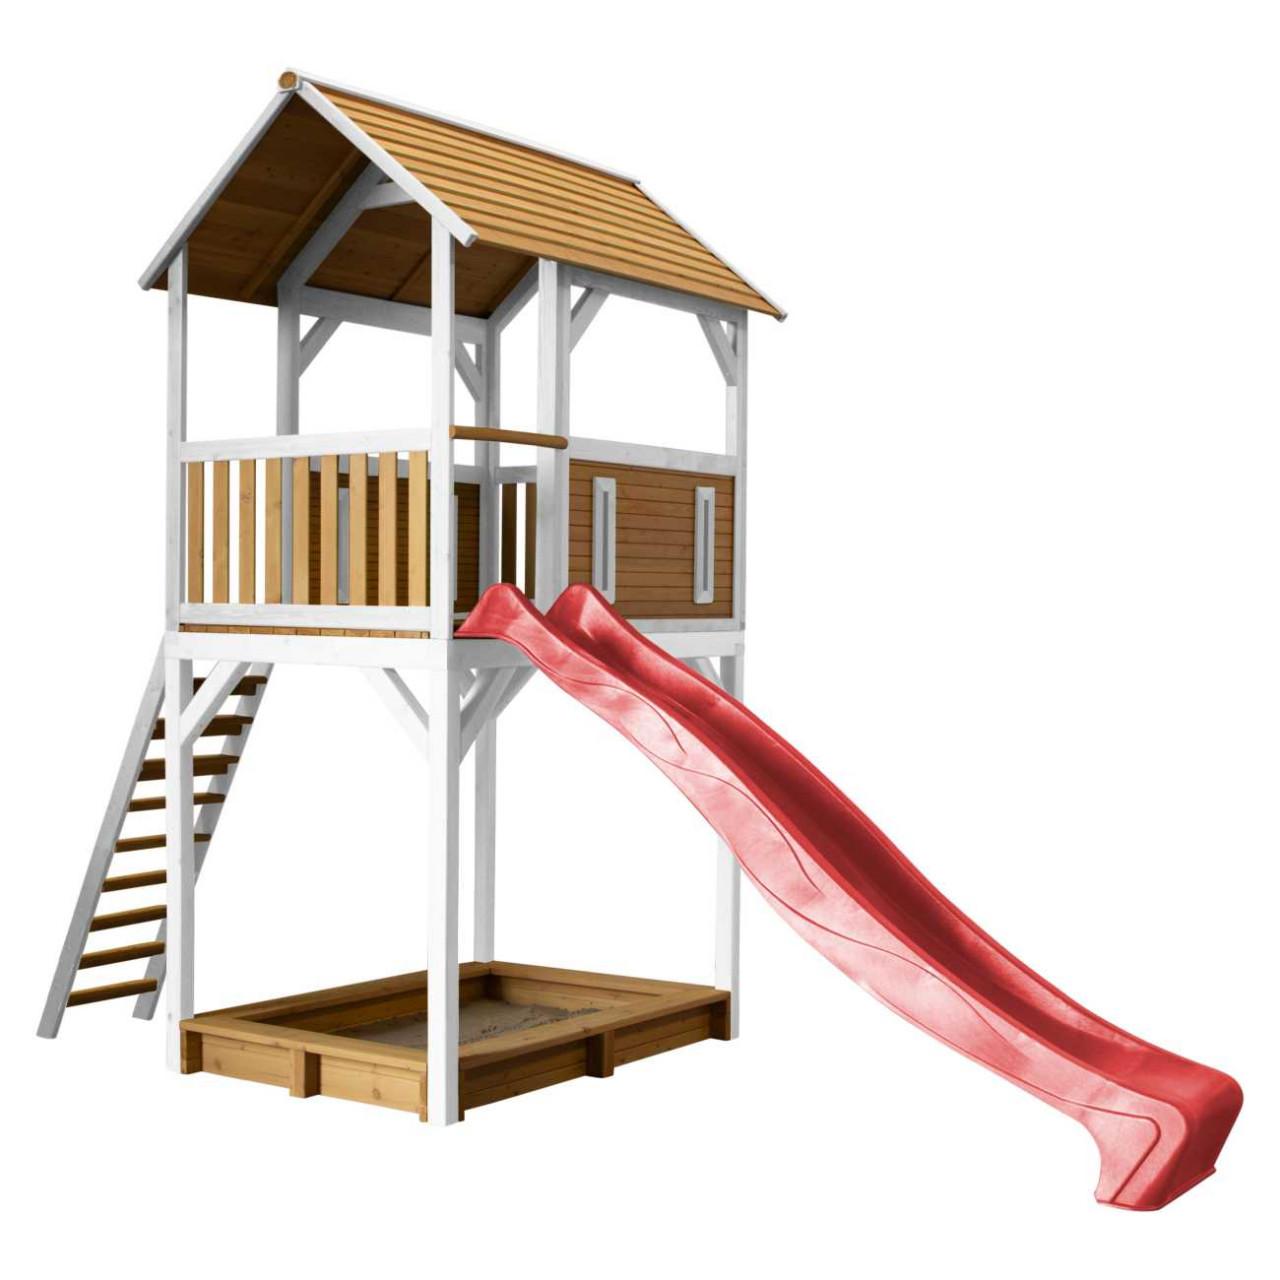 Kinder Spielturm Dory von Axi mit 2,90 m langer Rutsche